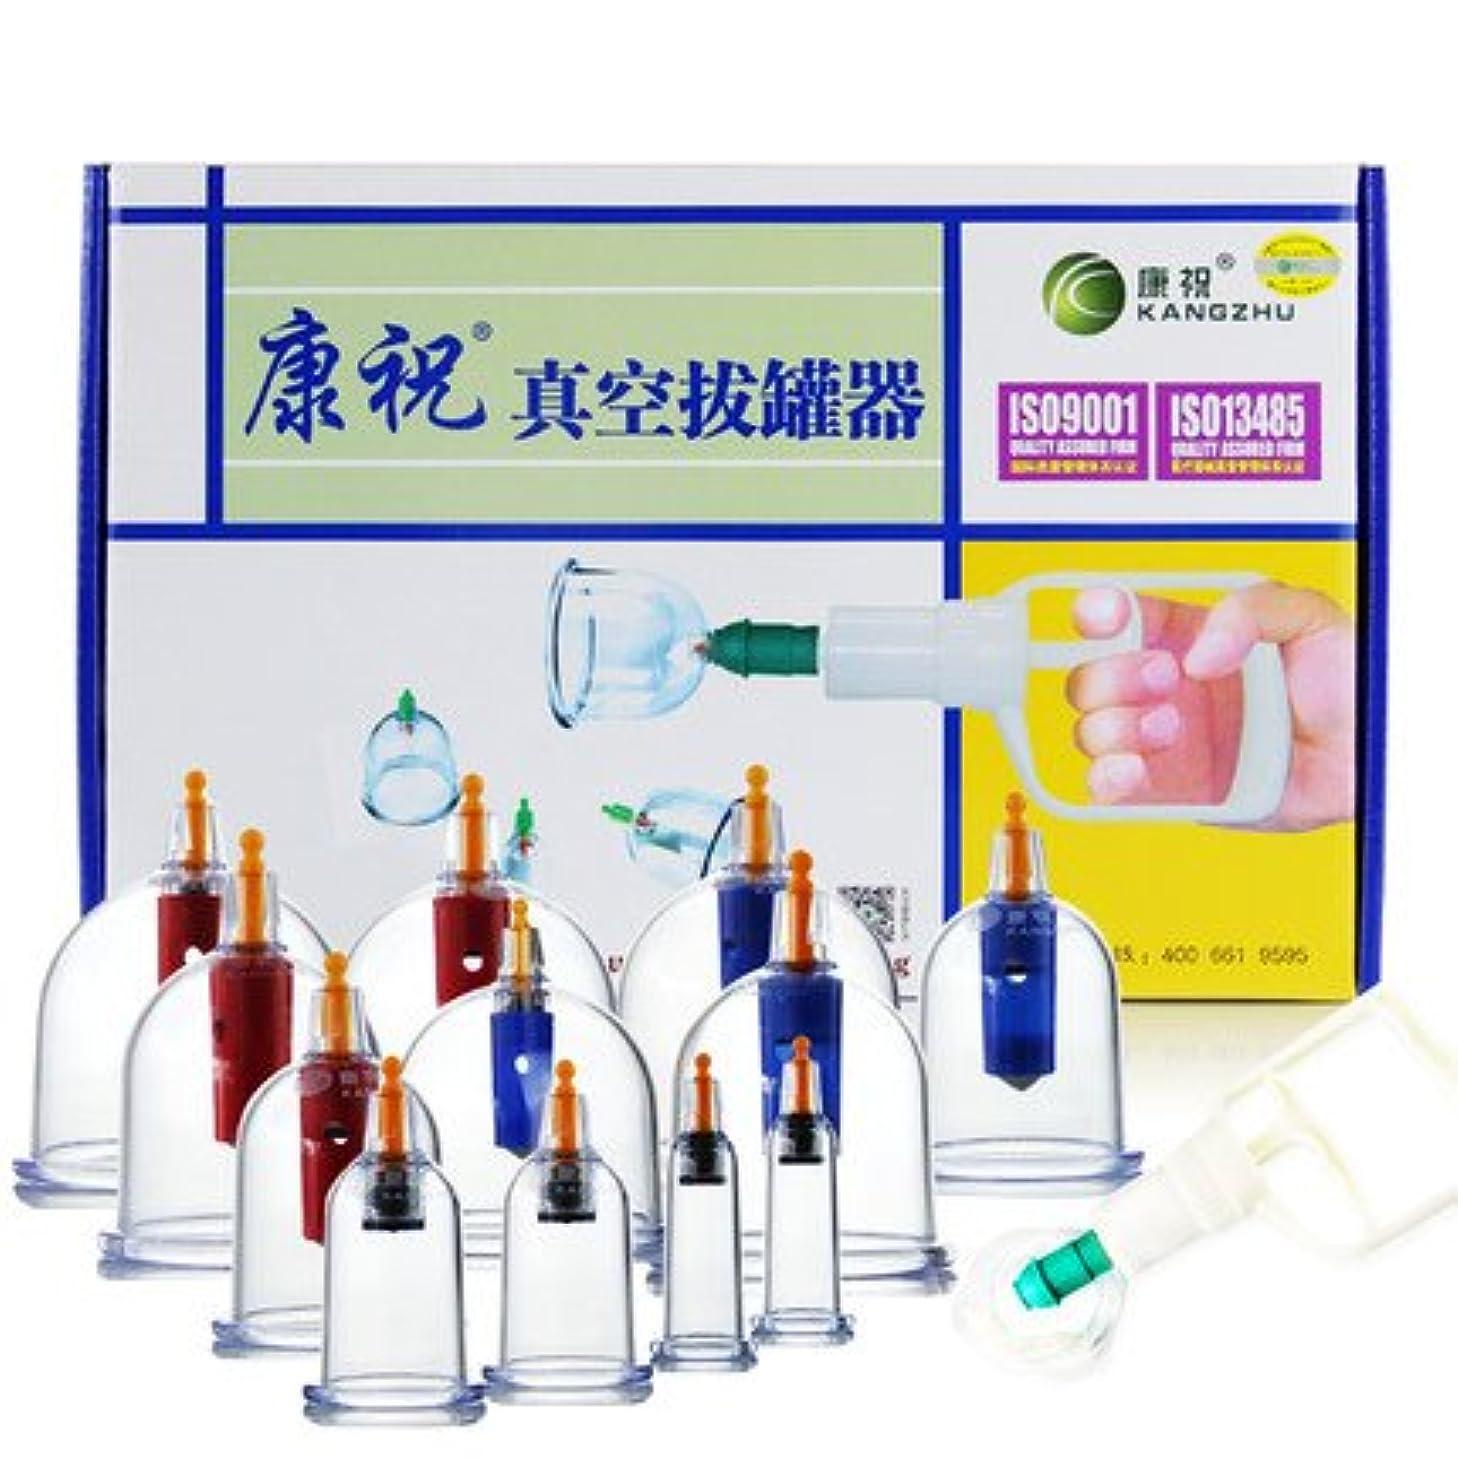 火薬王女累計kangzhu 「新包装」カッピング cupping 吸い玉カップ 脂肪吸引 康祝 KANGZHU 6種 12個カップ 自宅エステ アンチエイジングに B12